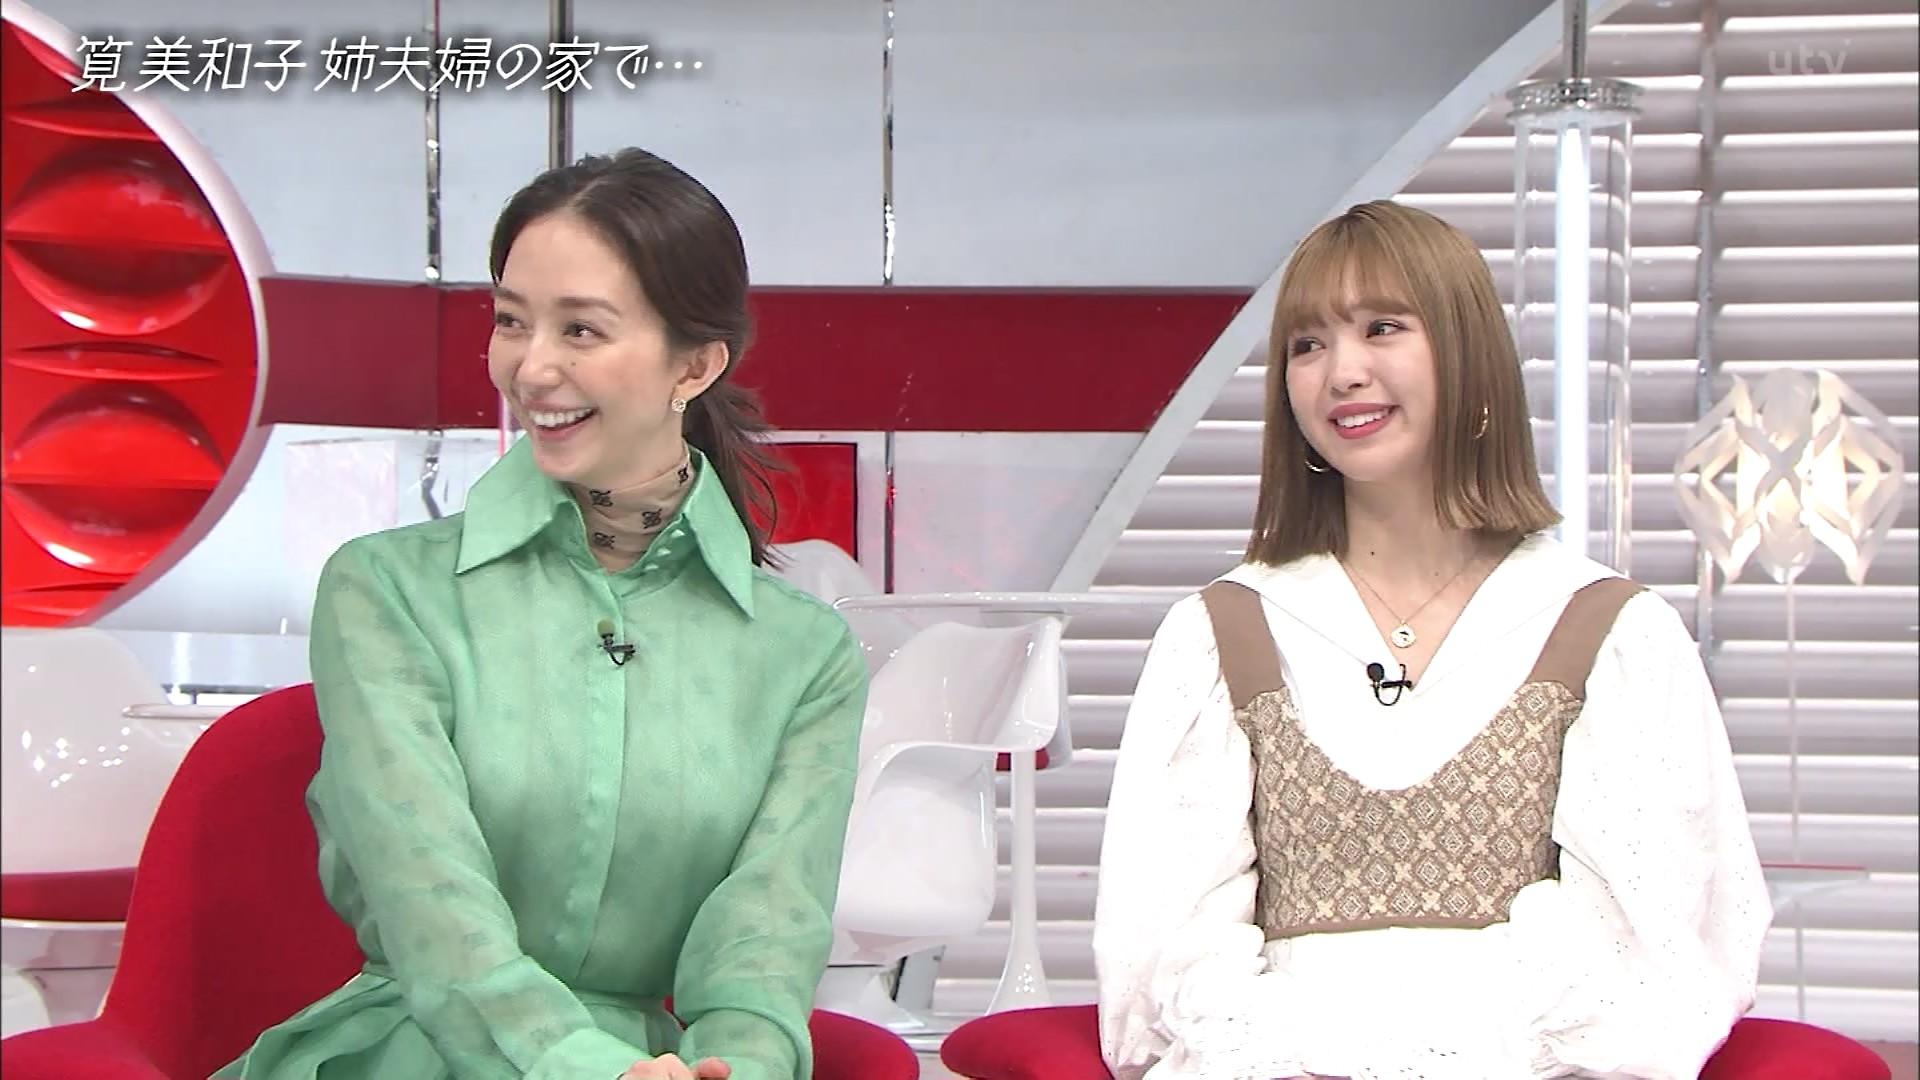 胸チラ_谷間_おっぱい_おしゃれイズム_44